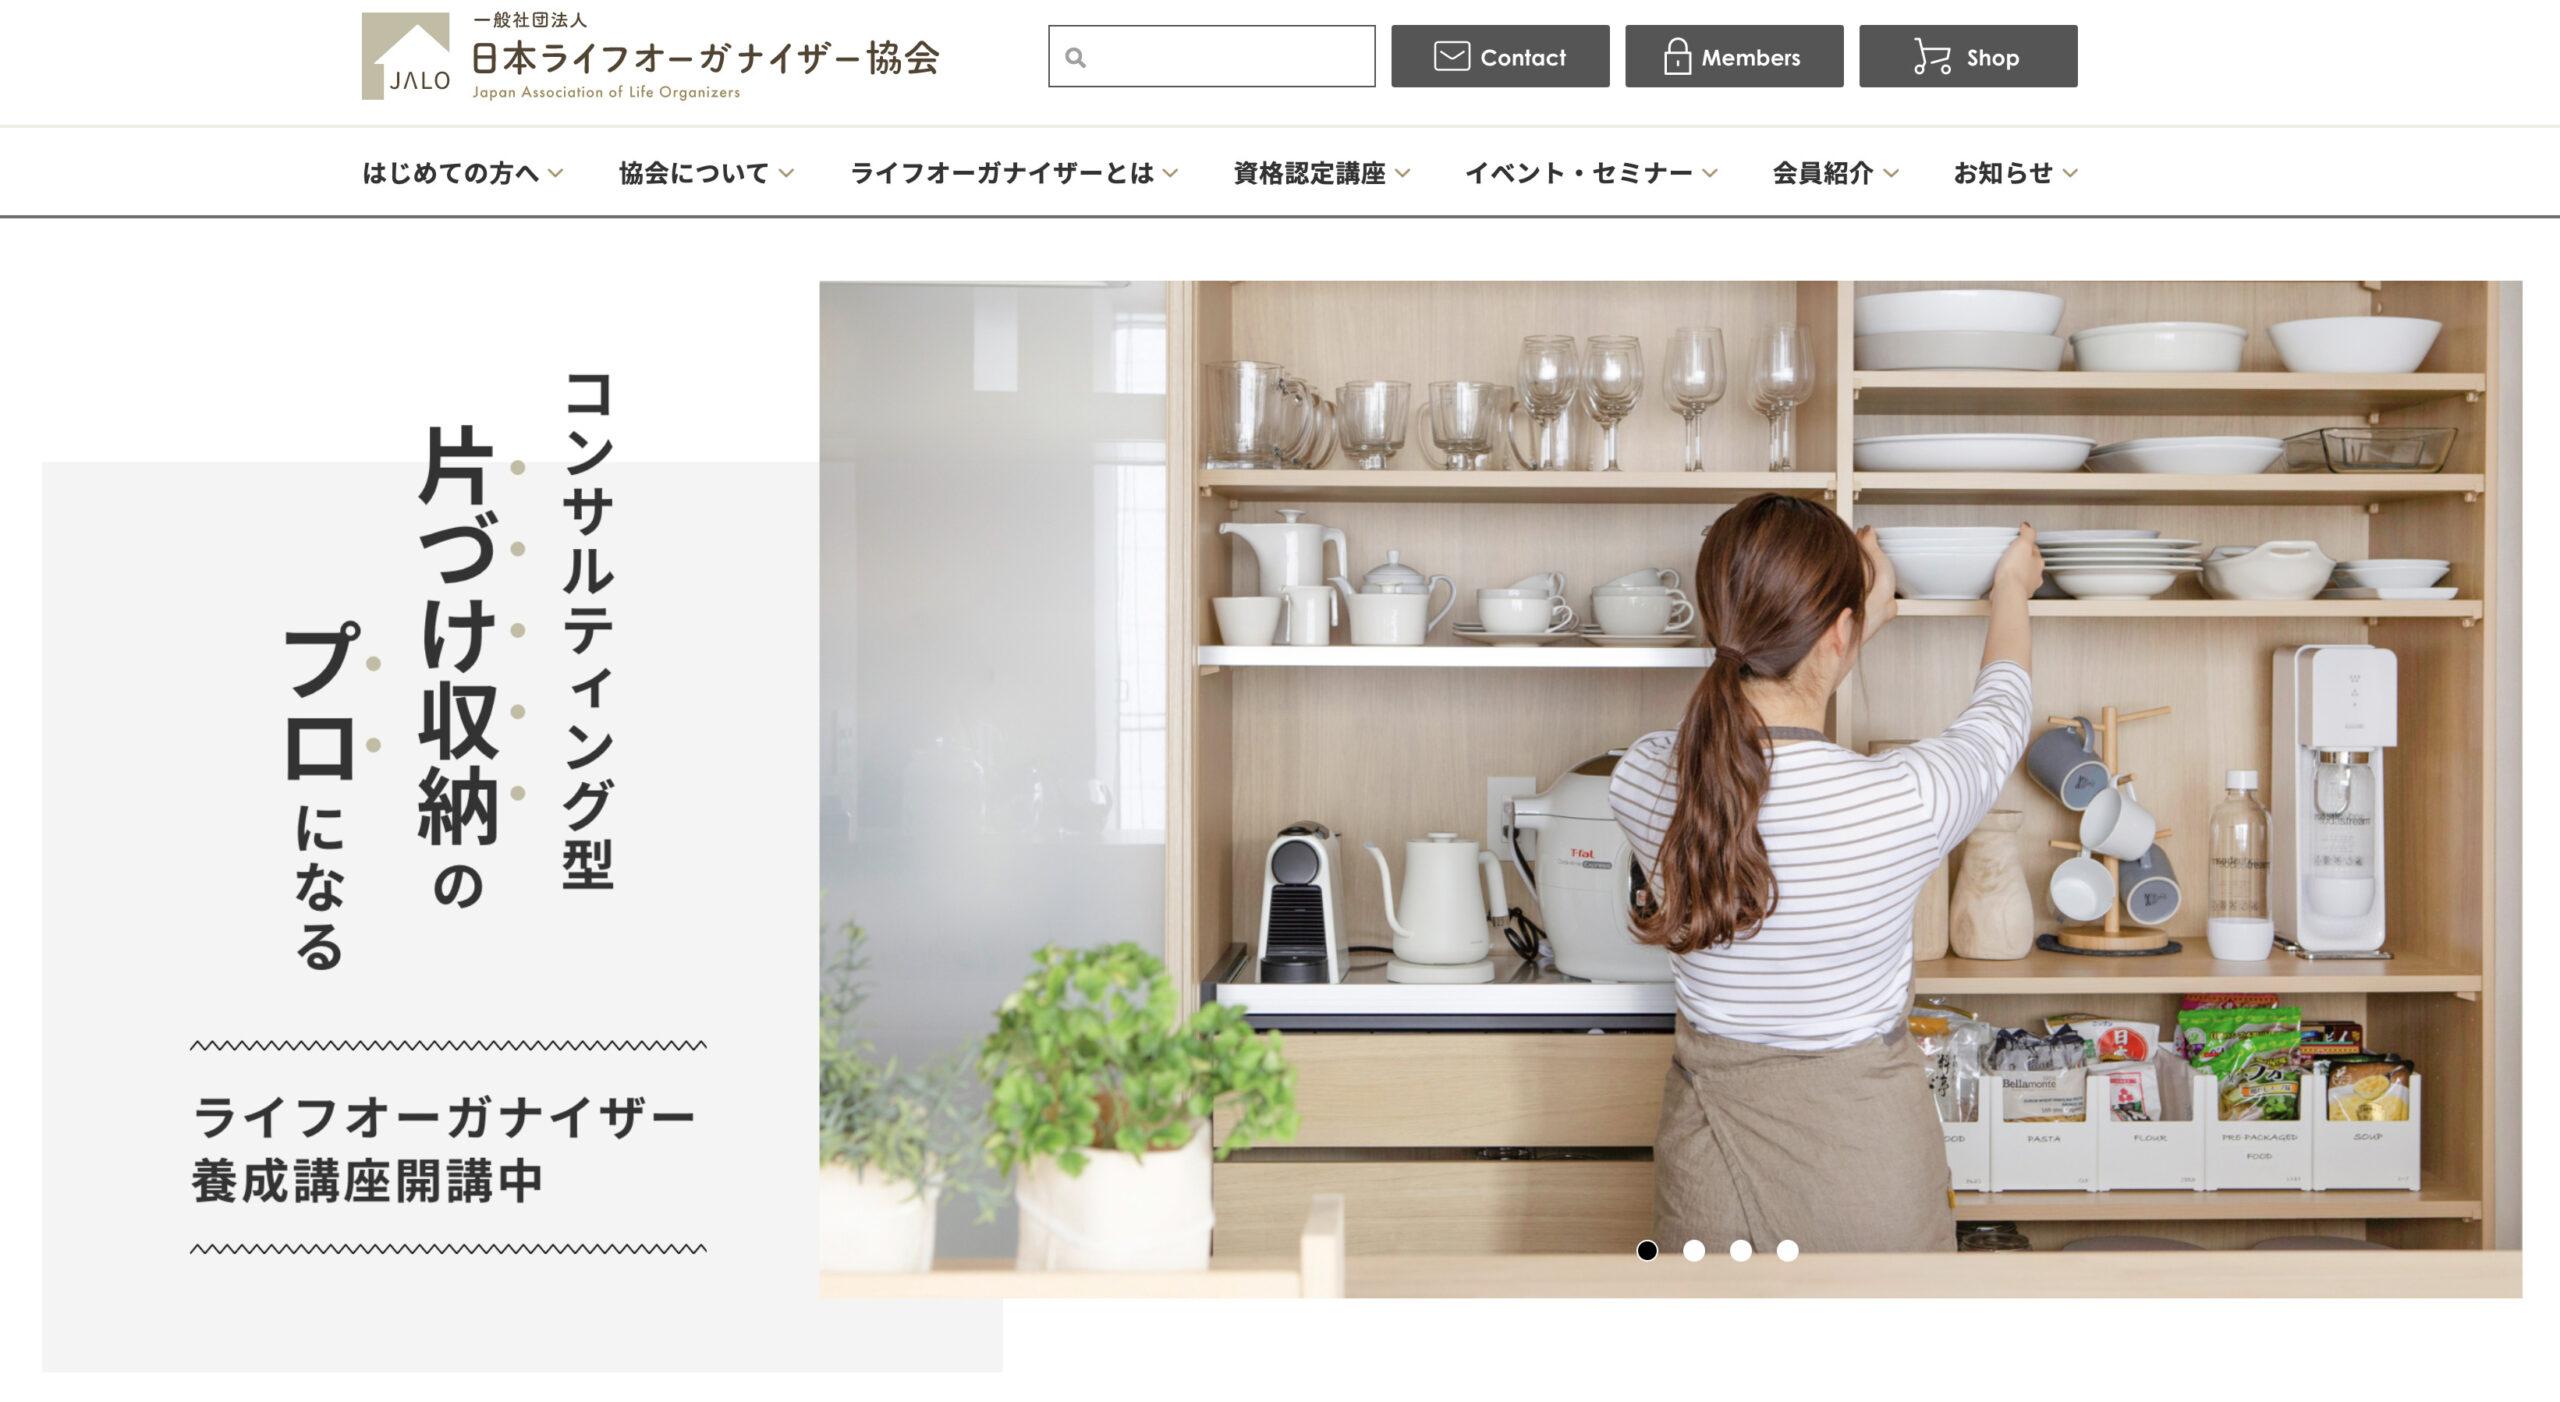 日本ライフオーガナイザー協会WEBサイトリニューアル公開しました